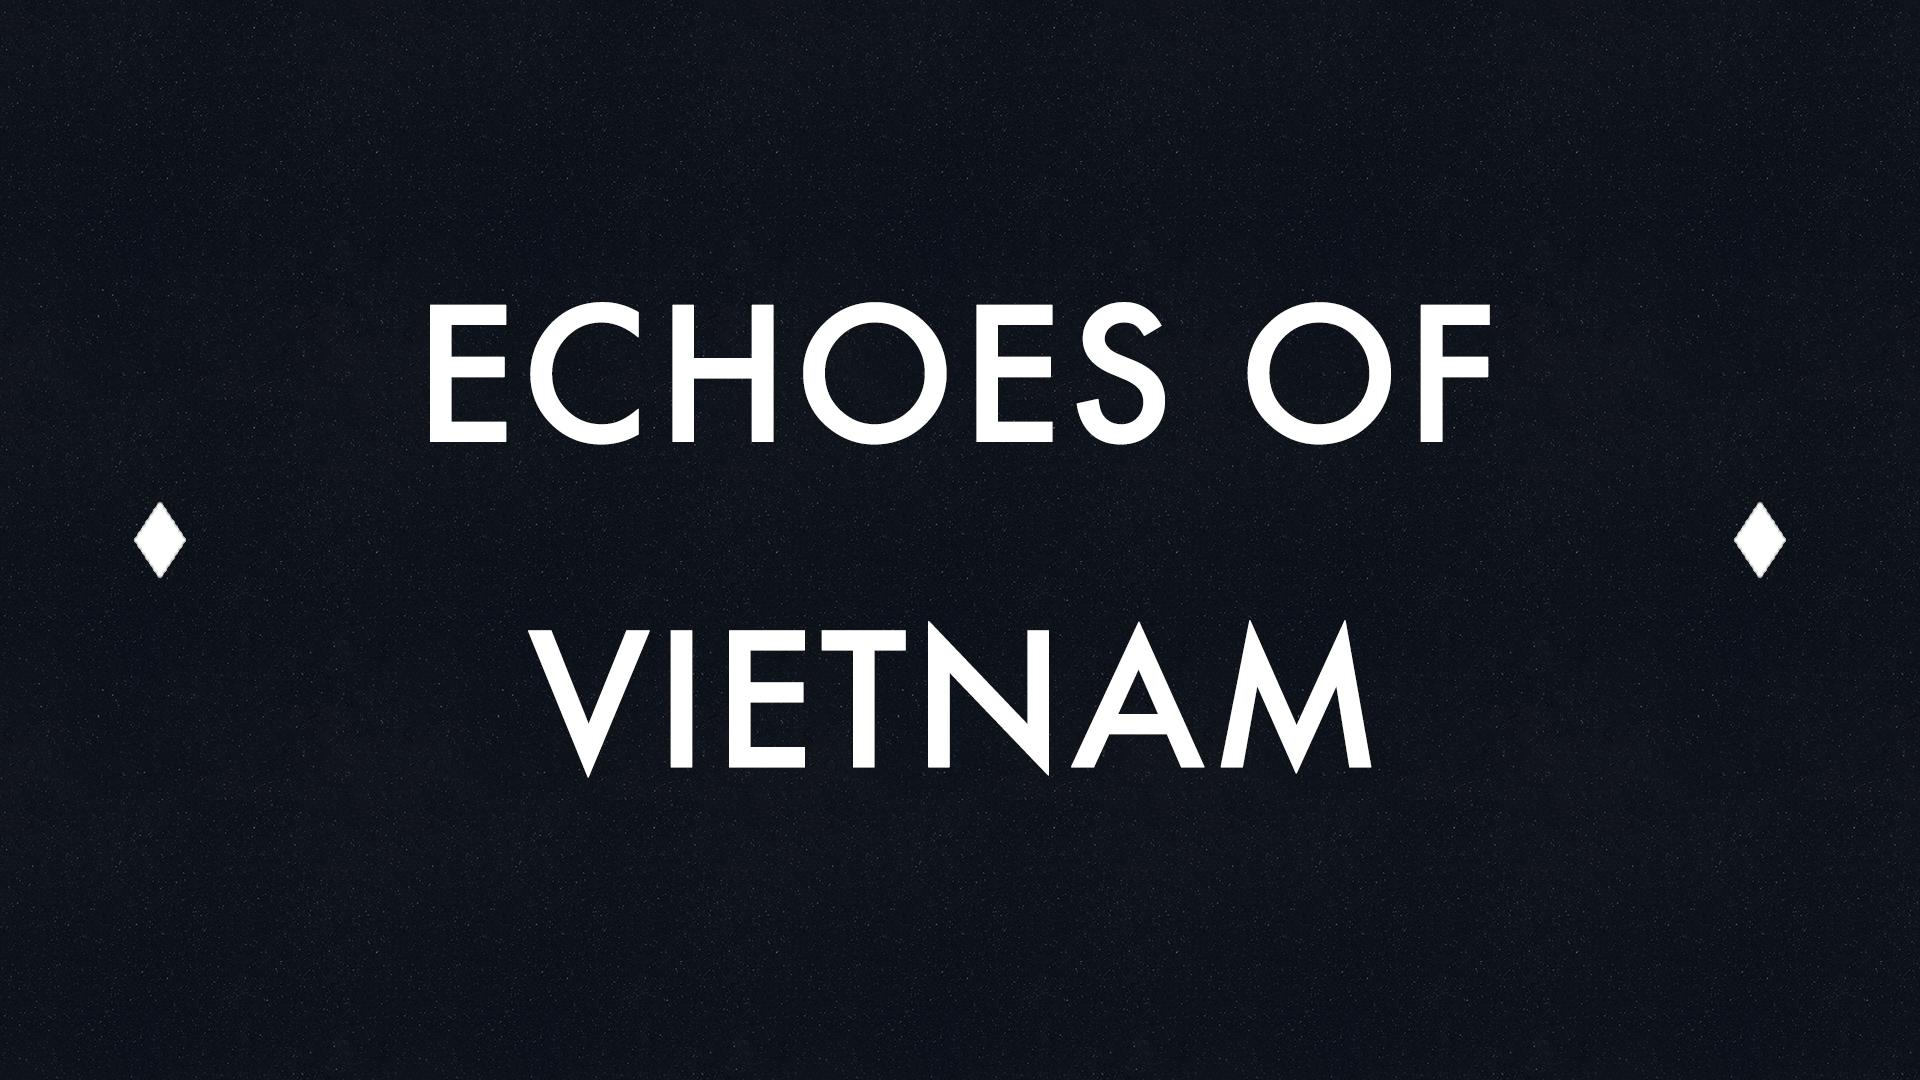 Echoes of Vietnam